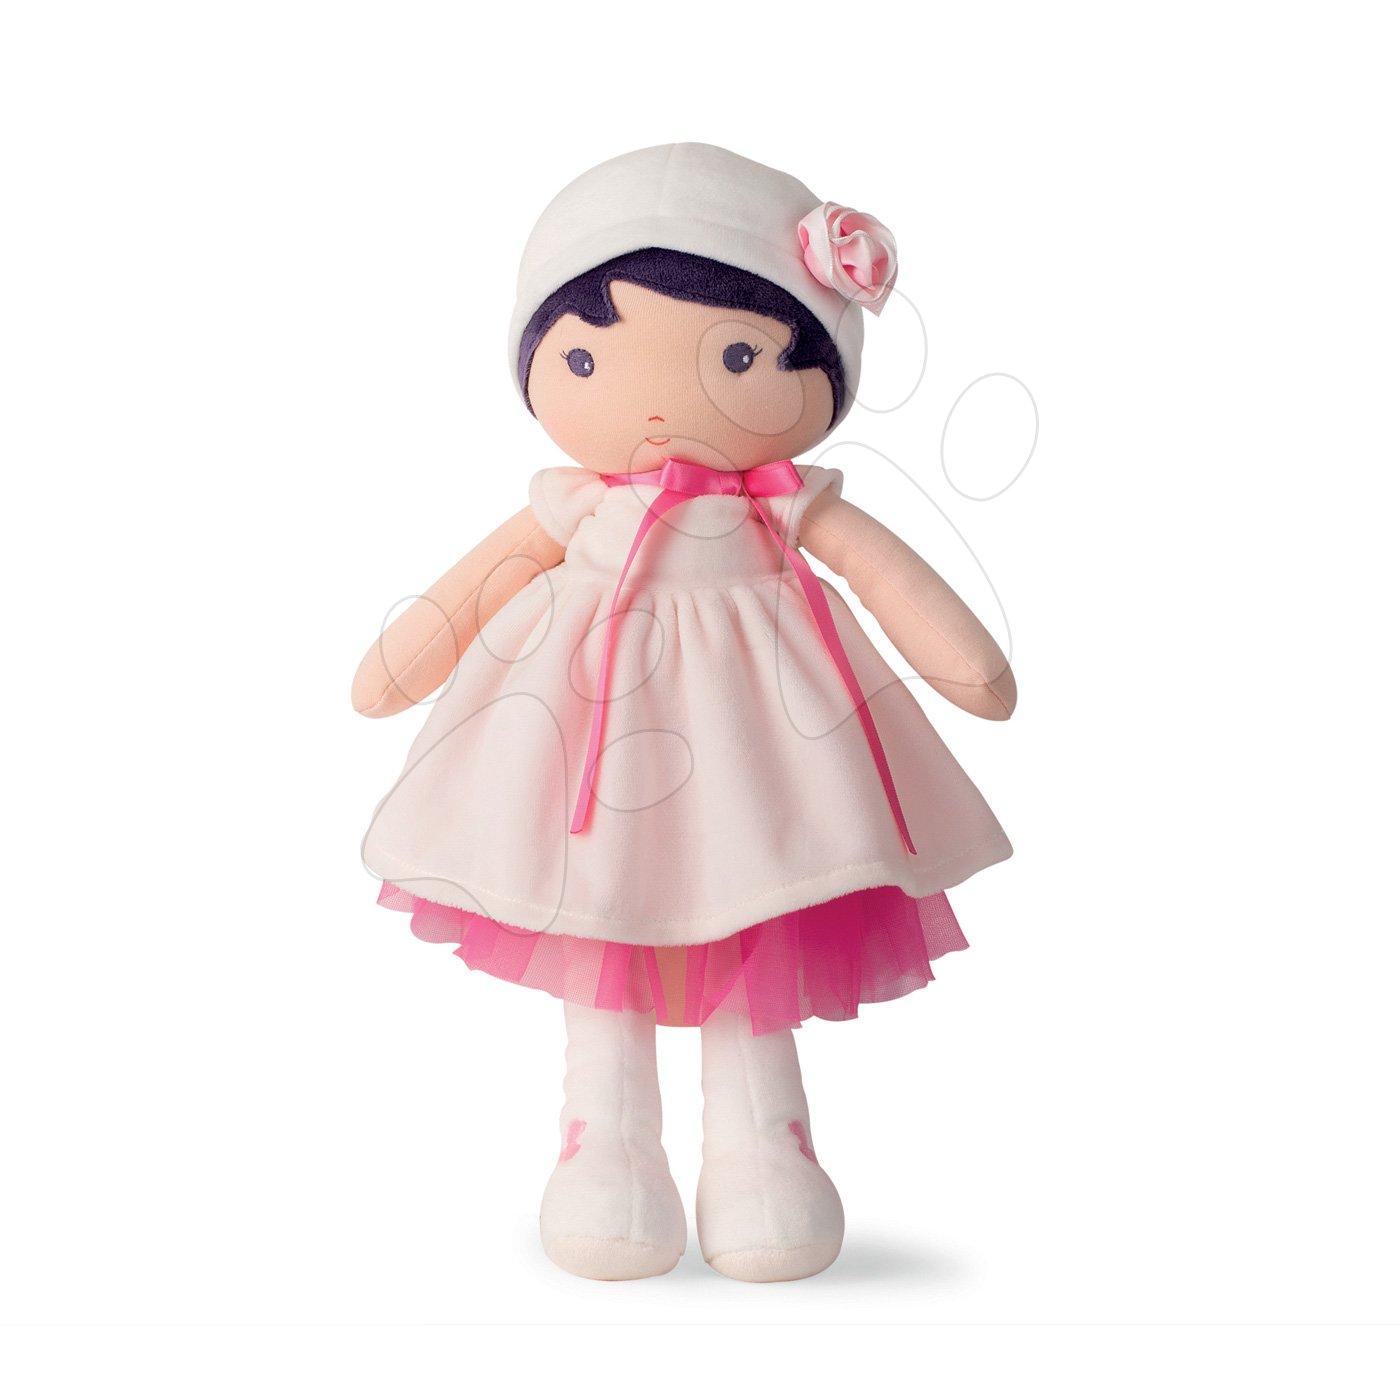 Kaloo bábika pre bábätká Perle K Tendresse 40 cm v bielych šatách z jemného textilu v darčekovom balení 962089